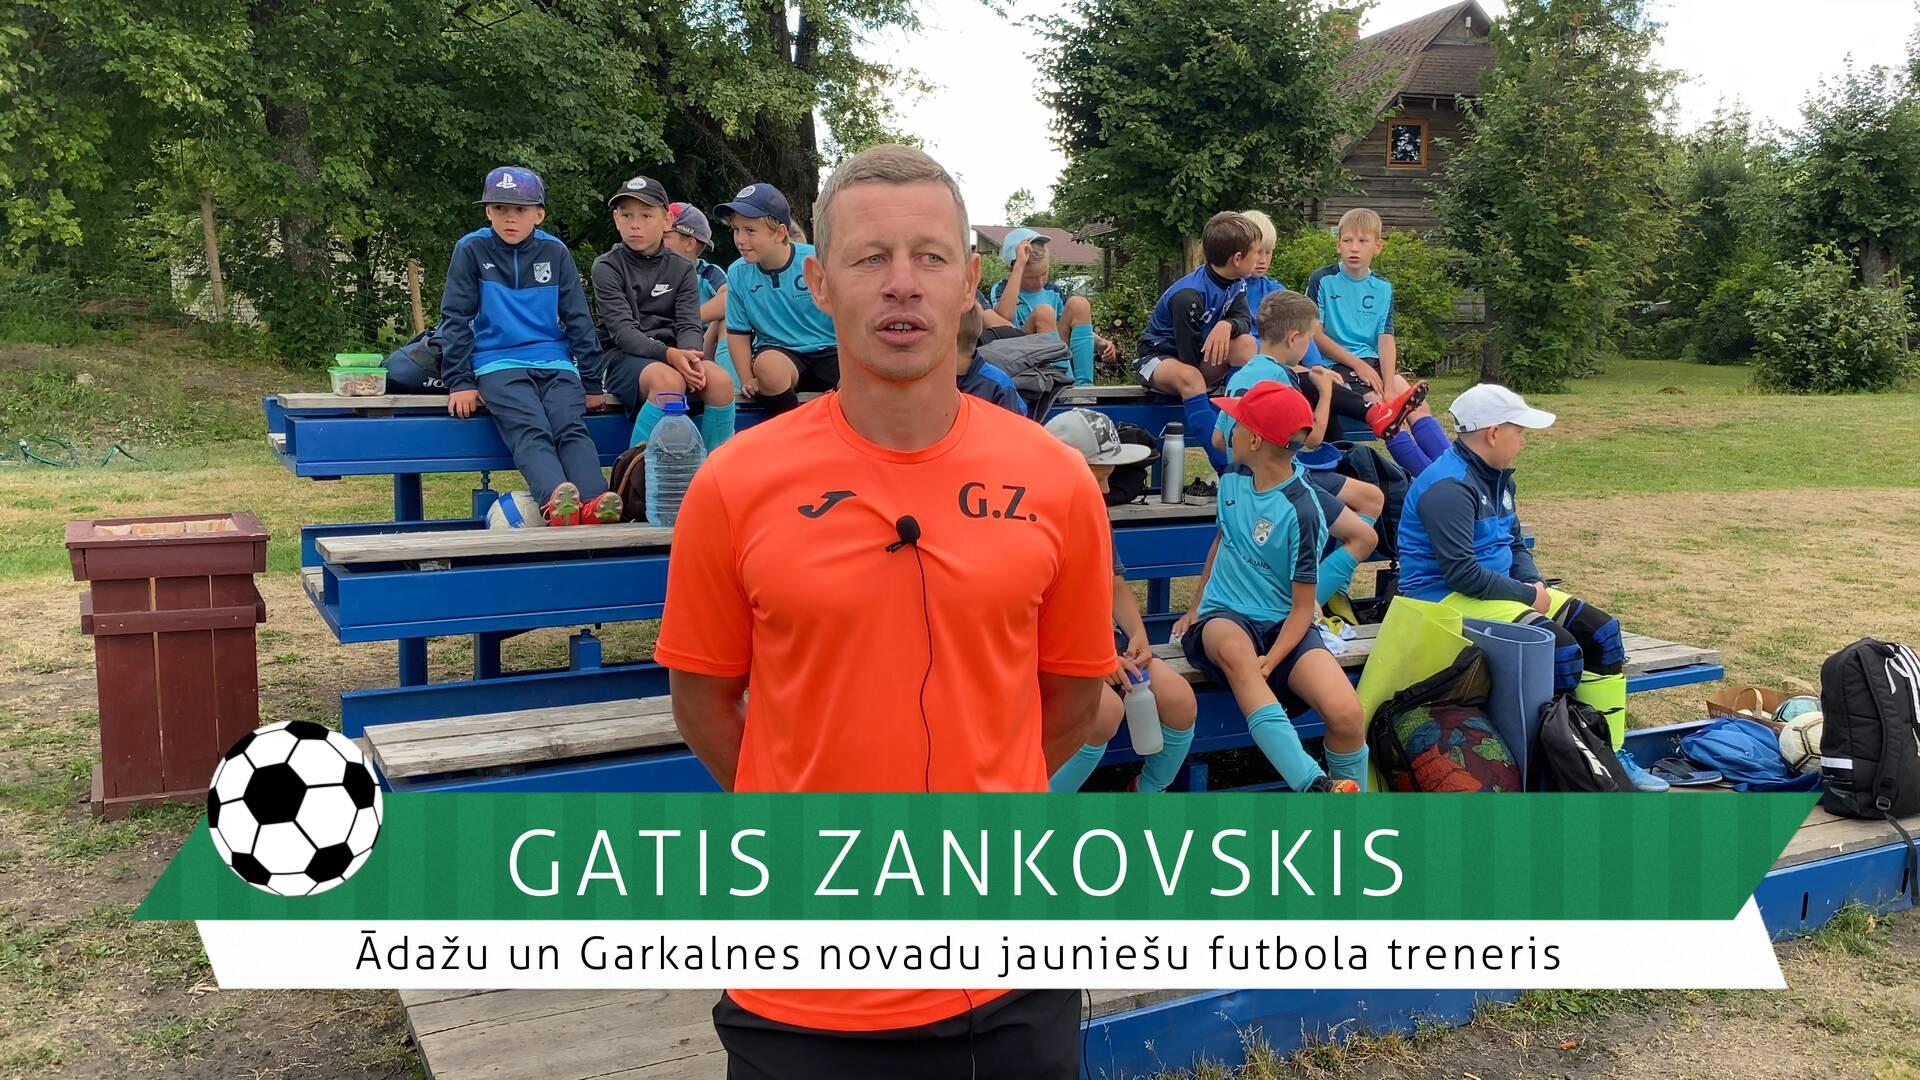 #FutbolsReģionos: saruna ar Garkalnes un Ādažu novadu futbola treneri Gati Zankovski (video)